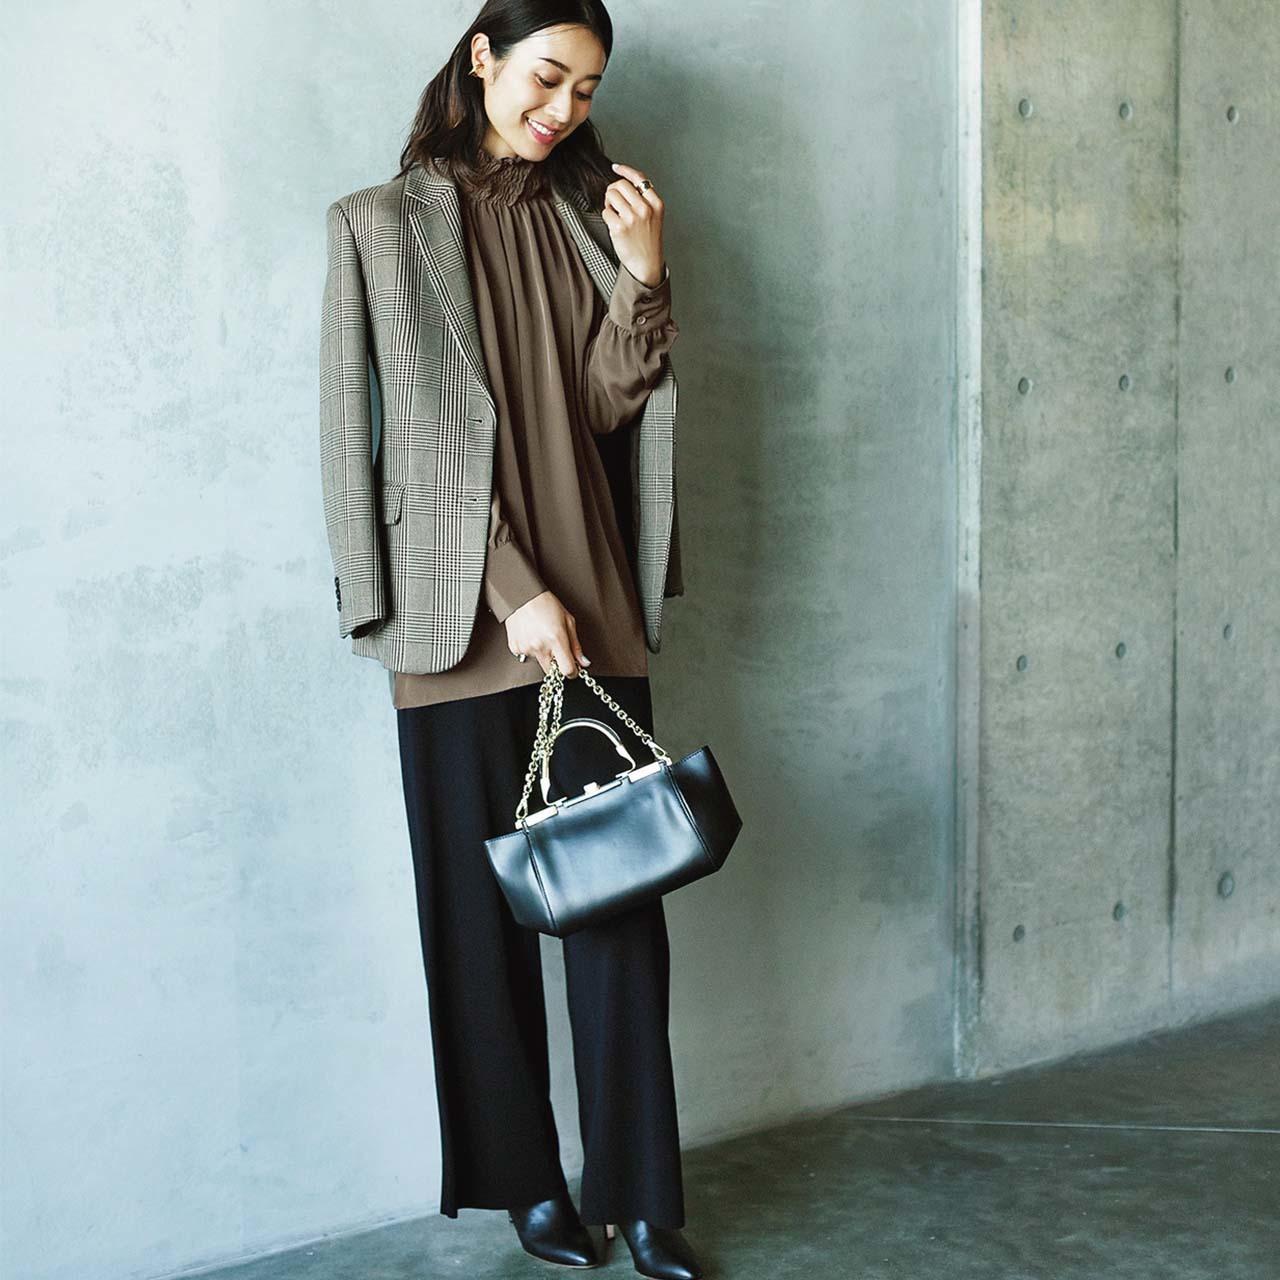 ジャケット×シルク見えブラウス×パンツコーデを着たモデルの牧野紗弥さん